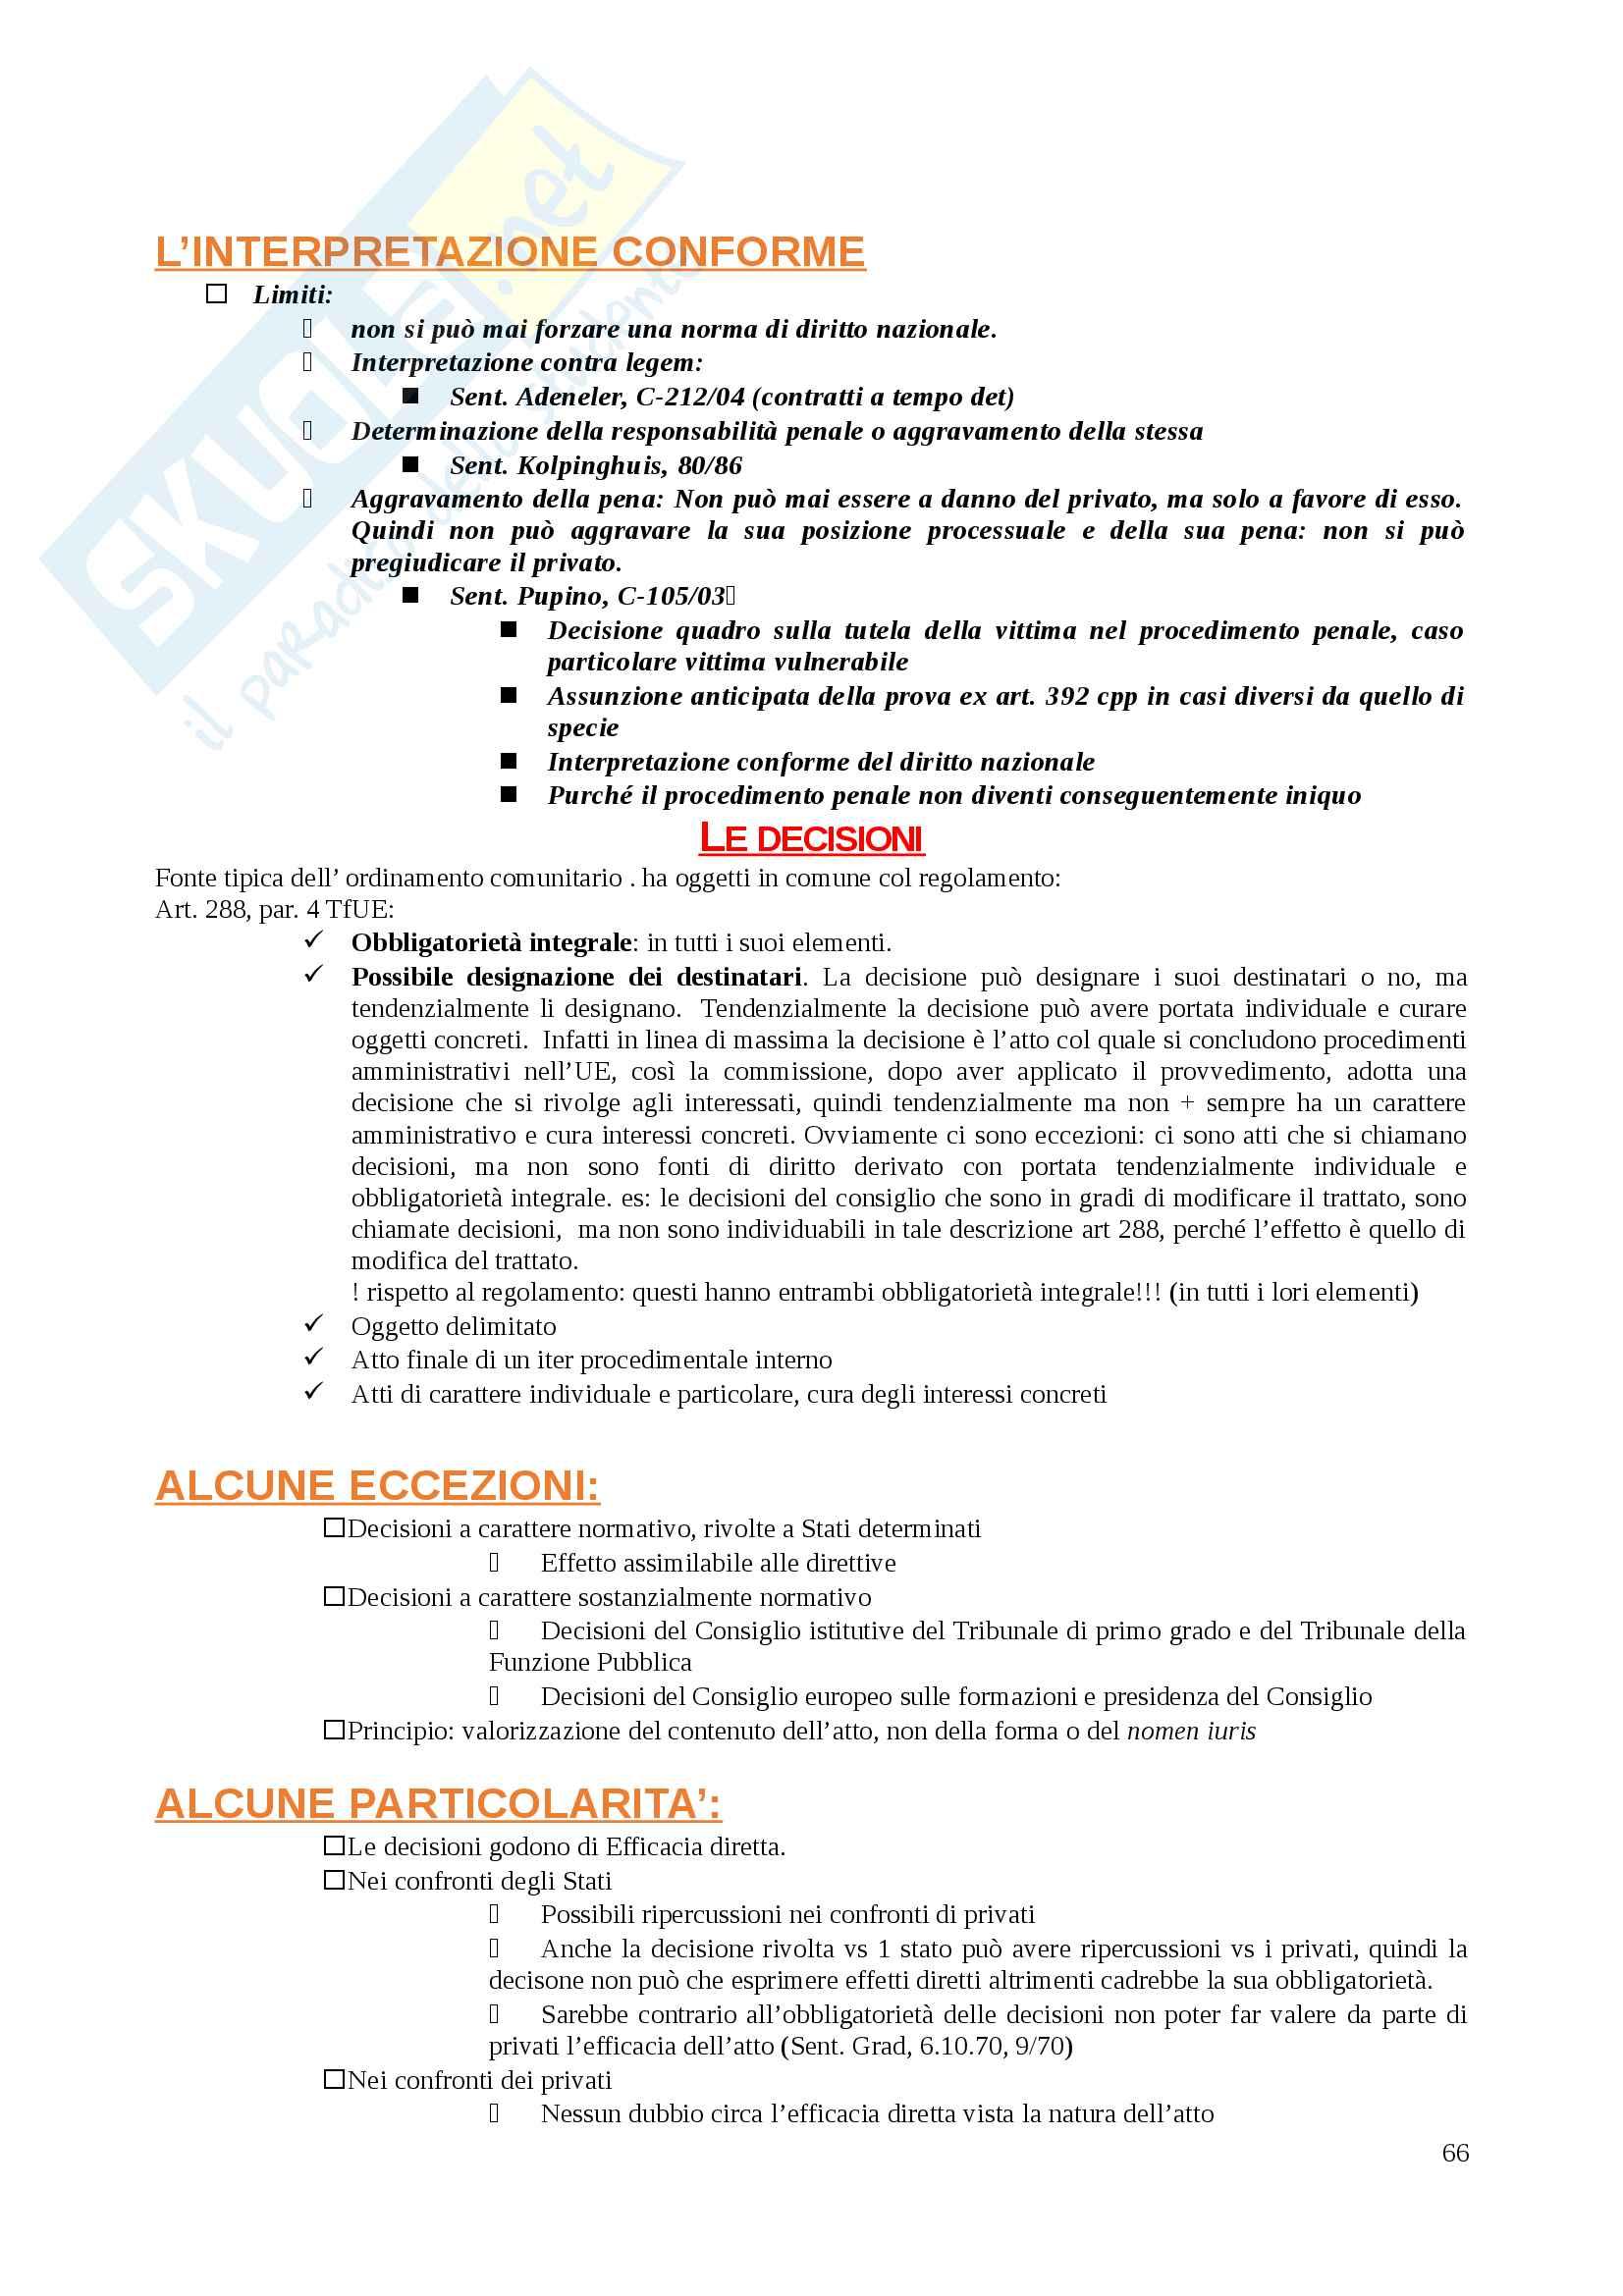 Appunti Diritto dell'Unione Europea Pag. 66